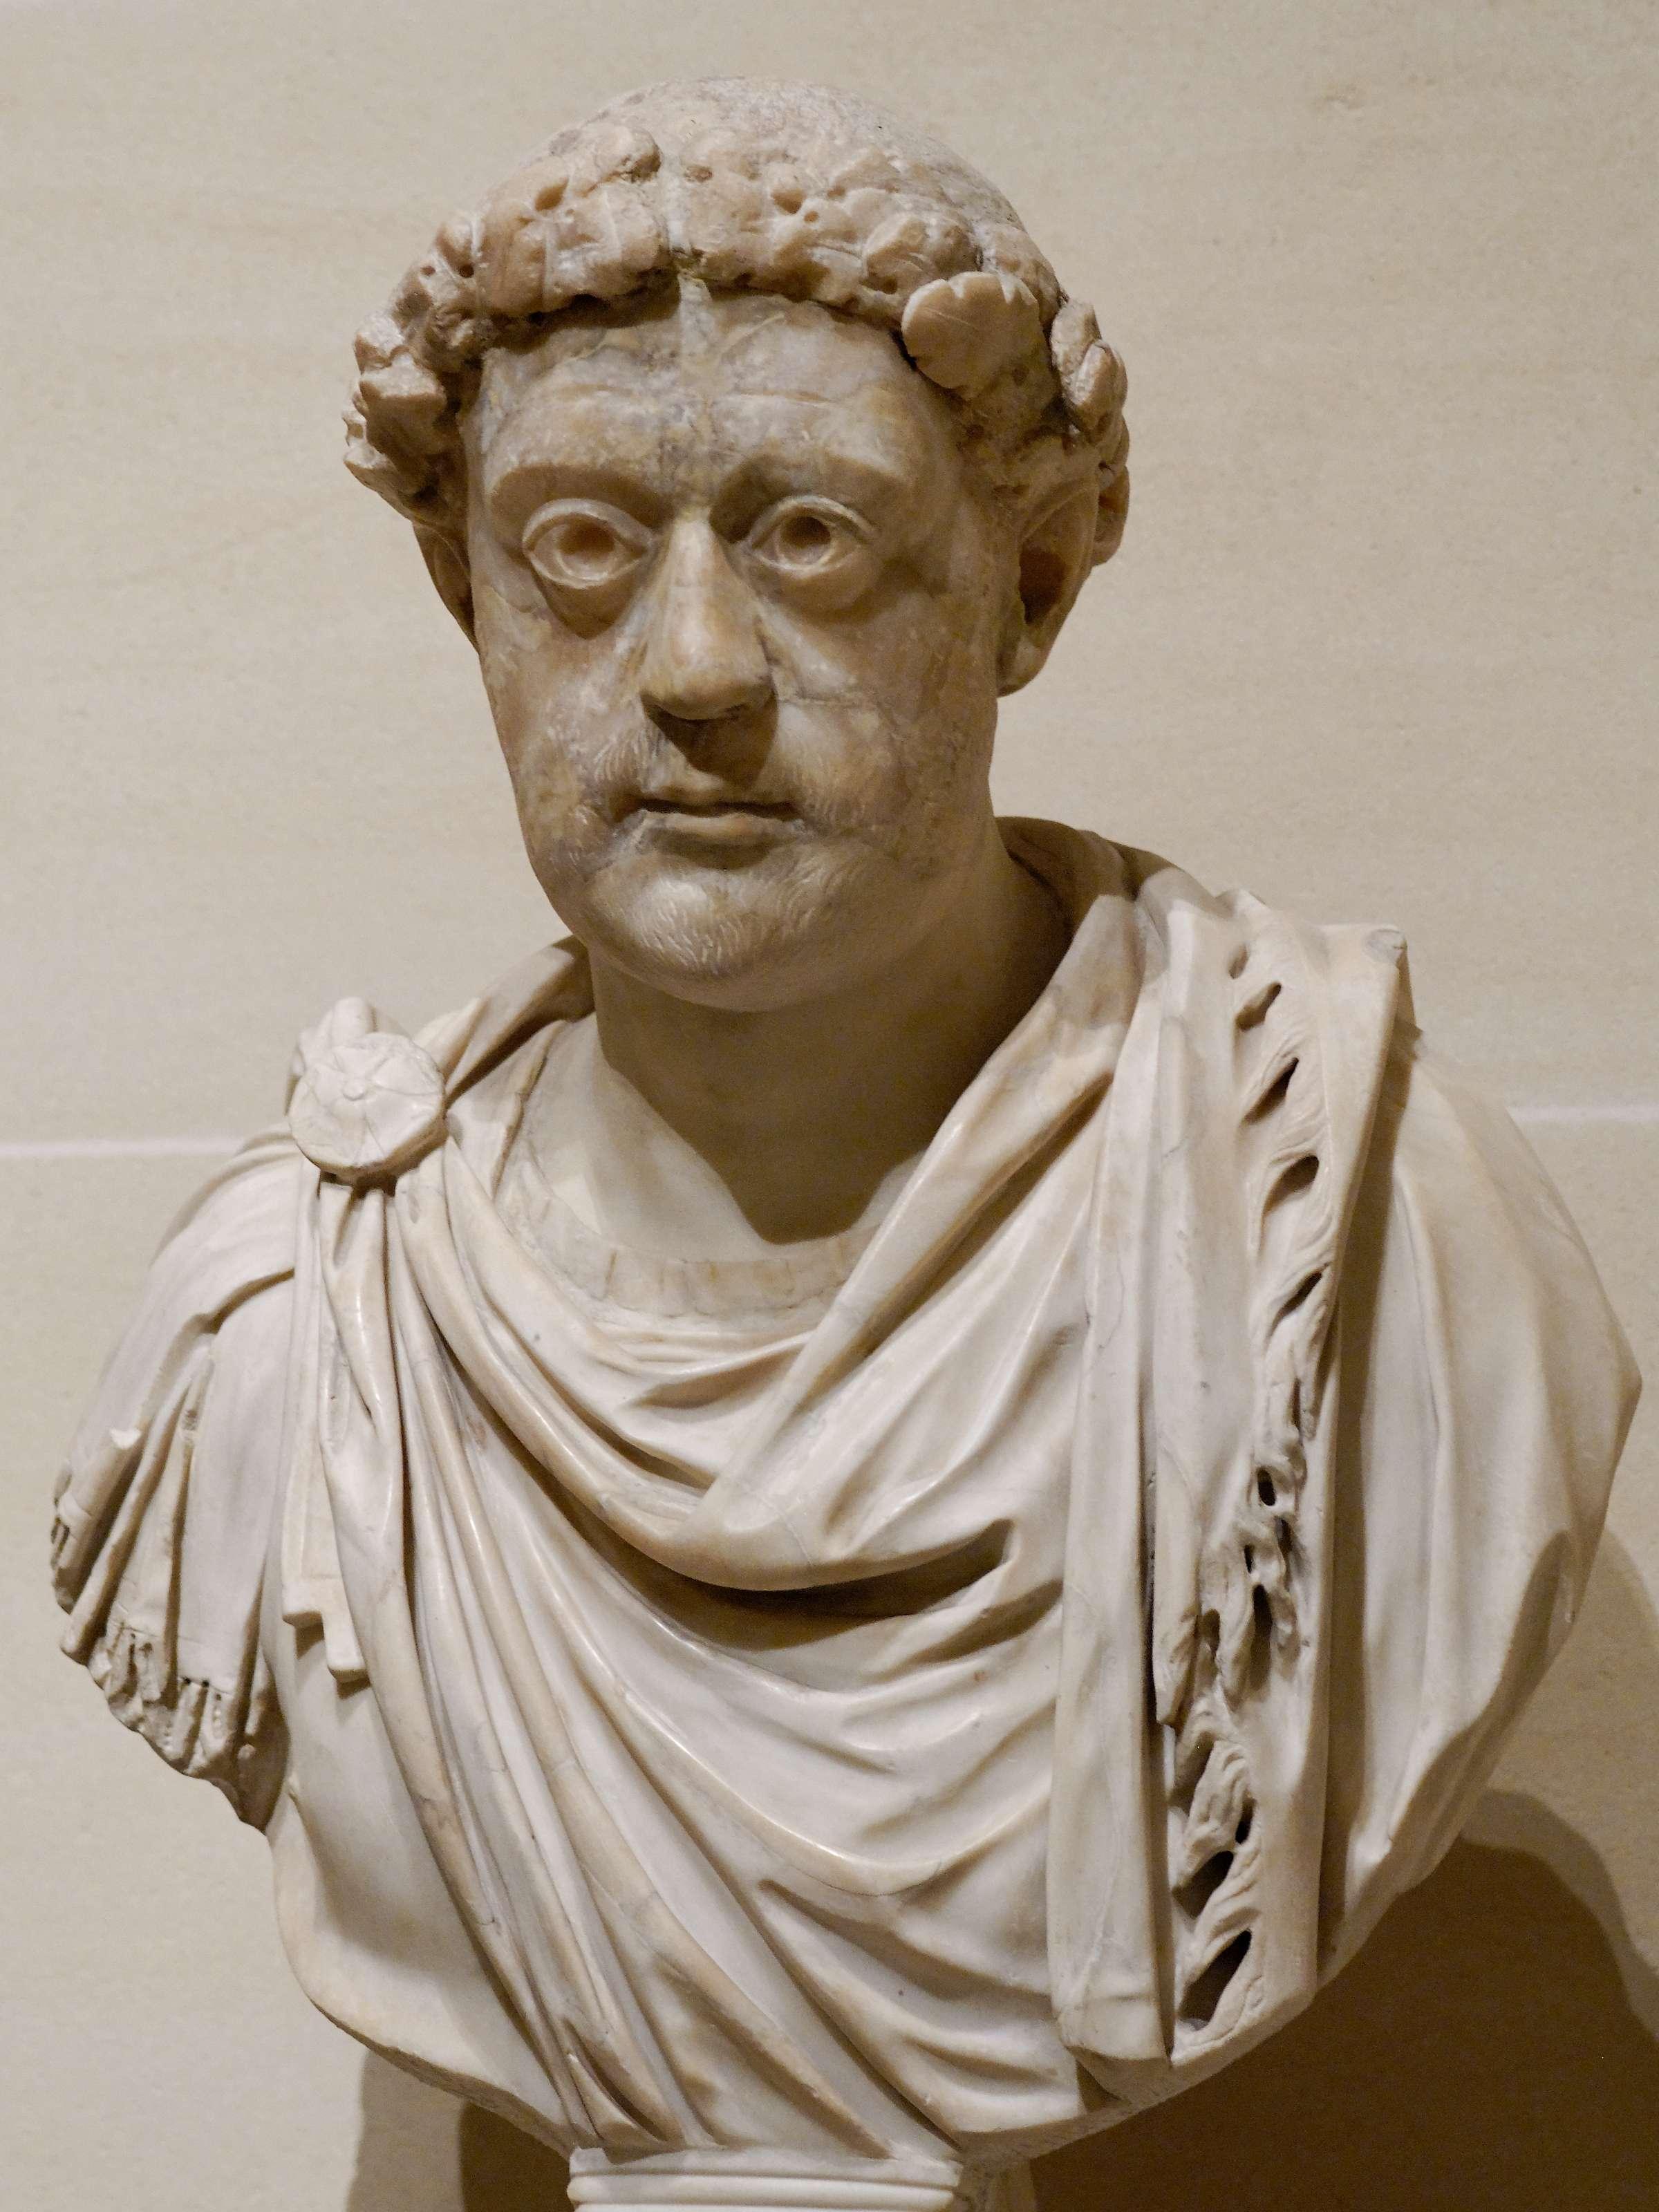 Ο Λέων Α΄ (401 - 18 Ιανουαρίου 474) ήταν Βυζαντινός αυτοκράτορας από το 457 έως το 474. Γεννημένος στην Αυρηλιανή Δακία κοντά στην ιστορικη Θράκη ήταν γνωστός και ως Λέων ο Θραξ